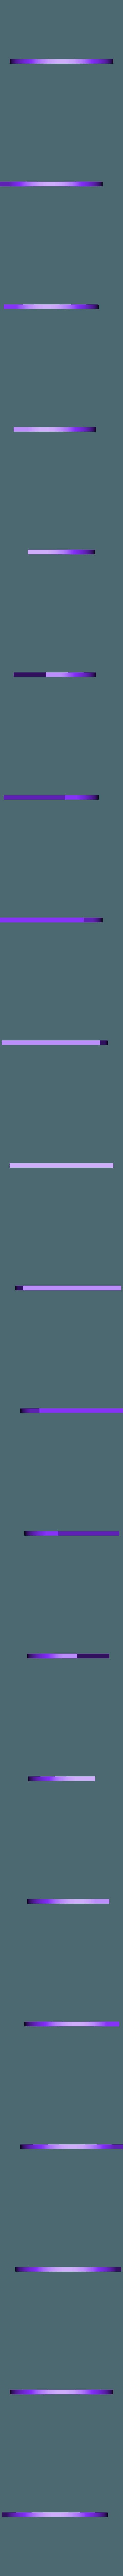 gabarie_montage_niveau v6.stl Download free STL file AEG BATTERY DOOR • 3D printer object, MME